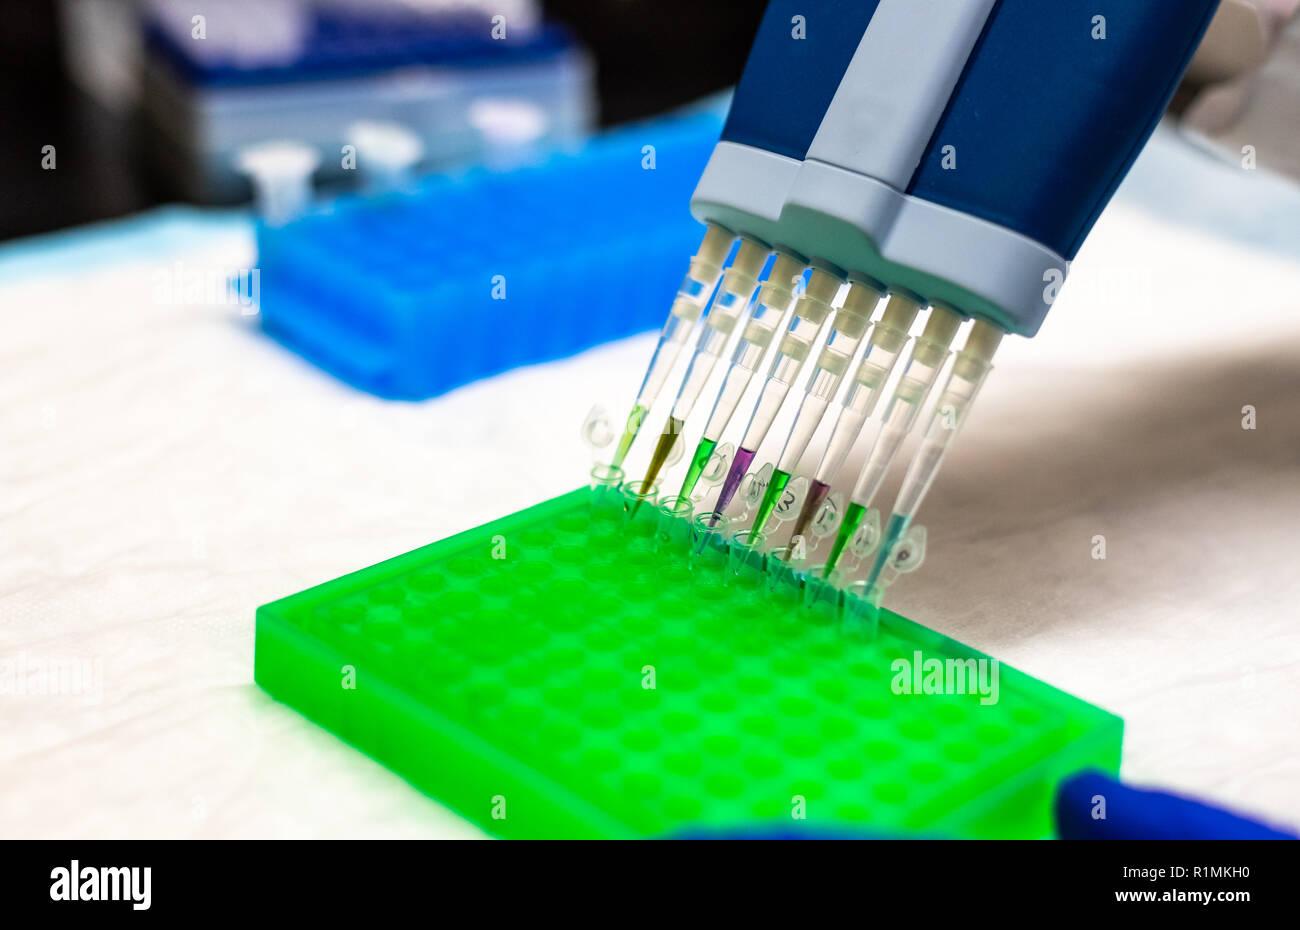 La investigación biomédica en el laboratorio de biotecnología Imagen De Stock